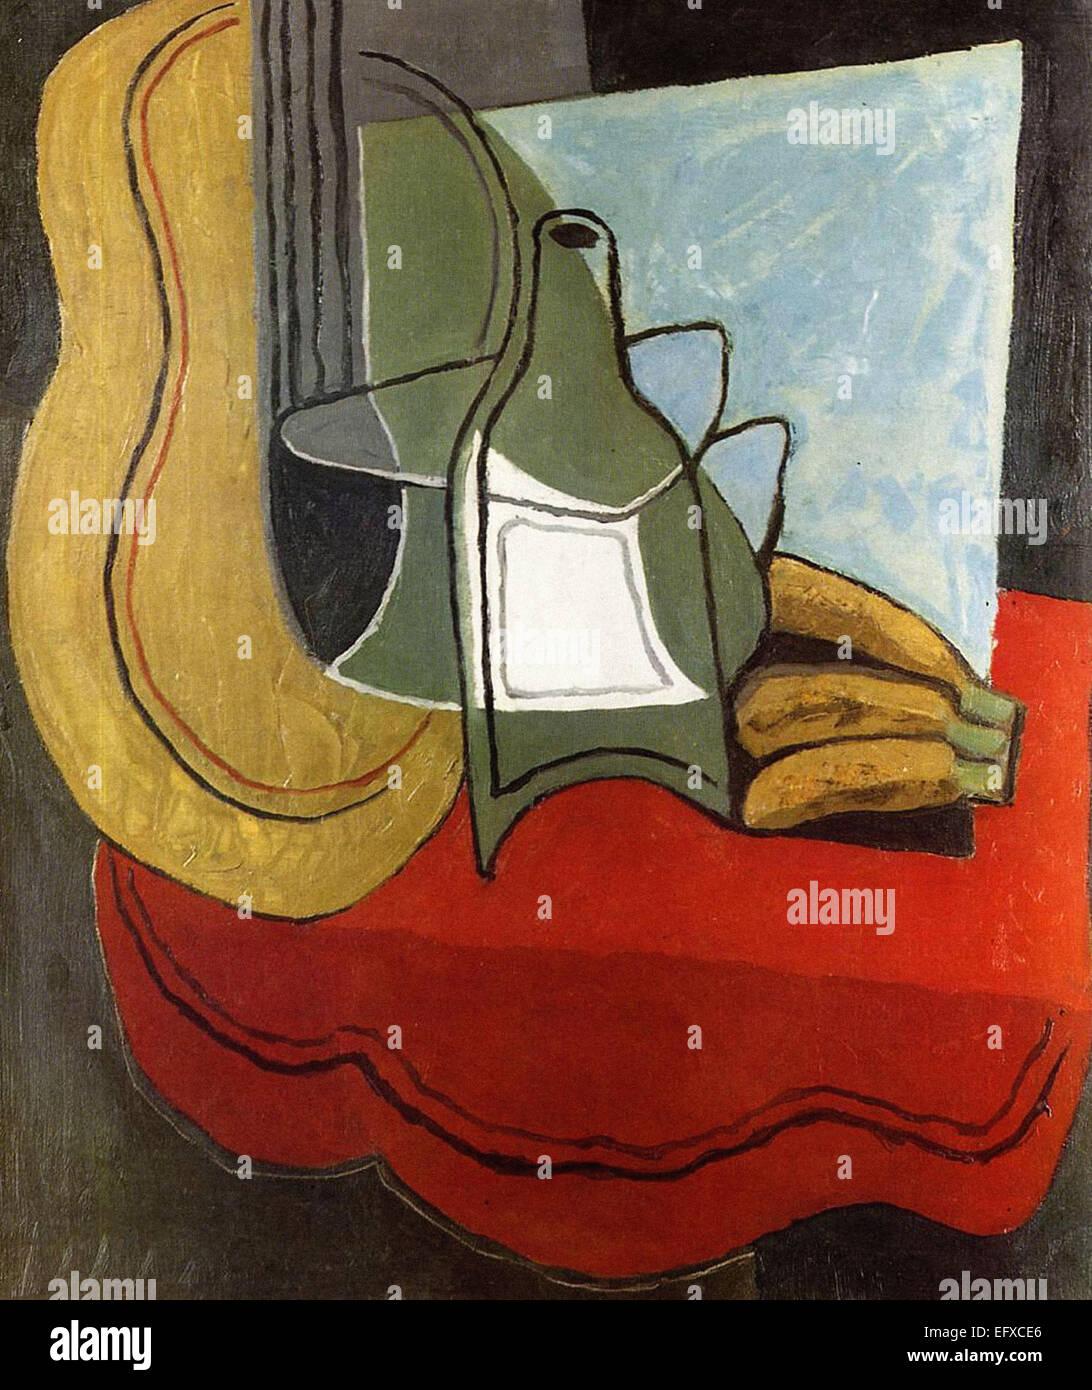 Juan Gris Bananas Imagen De Stock